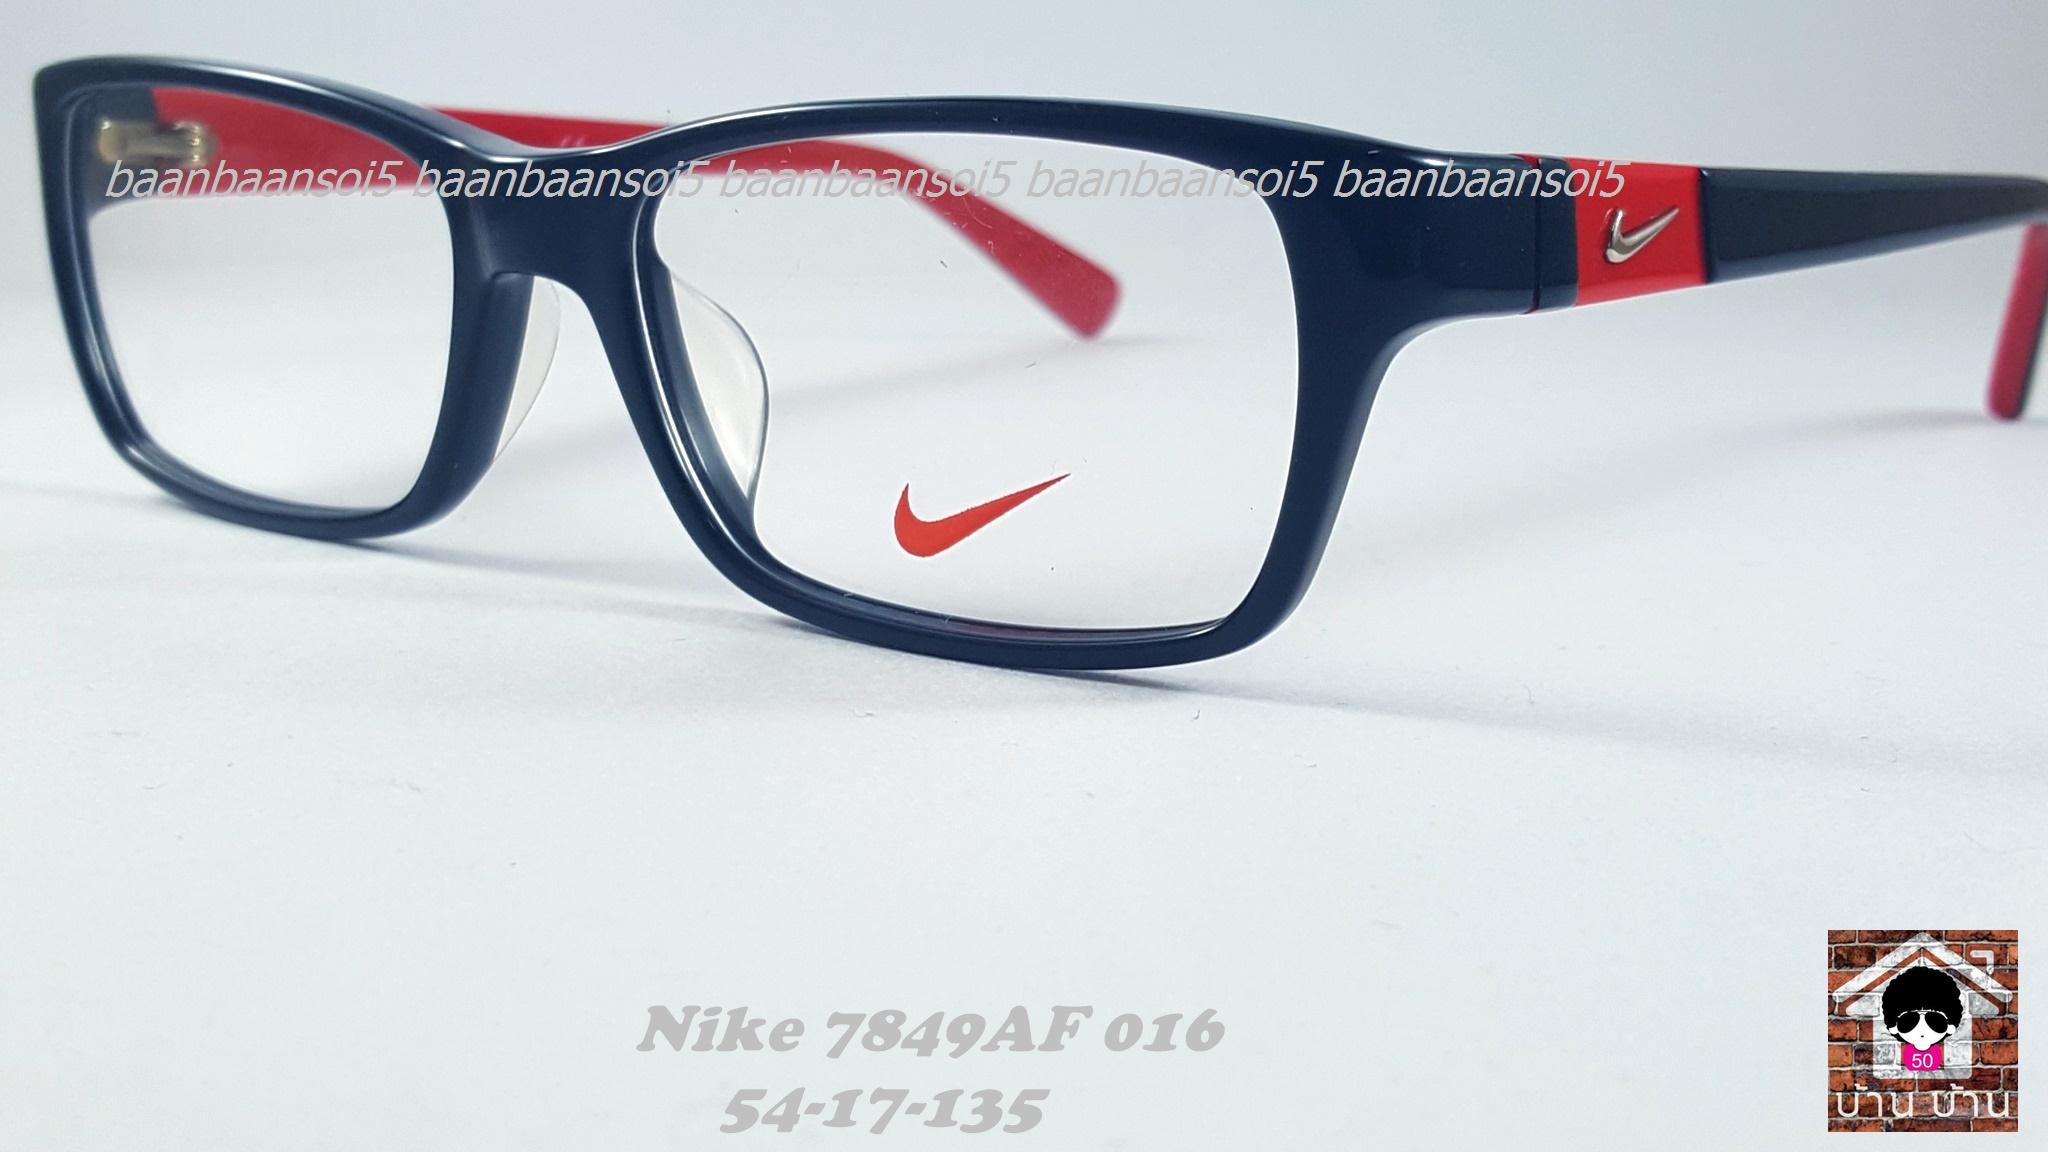 NIKE BRAND ORIGINALแท้ 7849 AF 016 กรอบแว่นตาพร้อมเลนส์ มัลติโค๊ตHOYA ป้องกันรังสีคอม 3,200 บาท